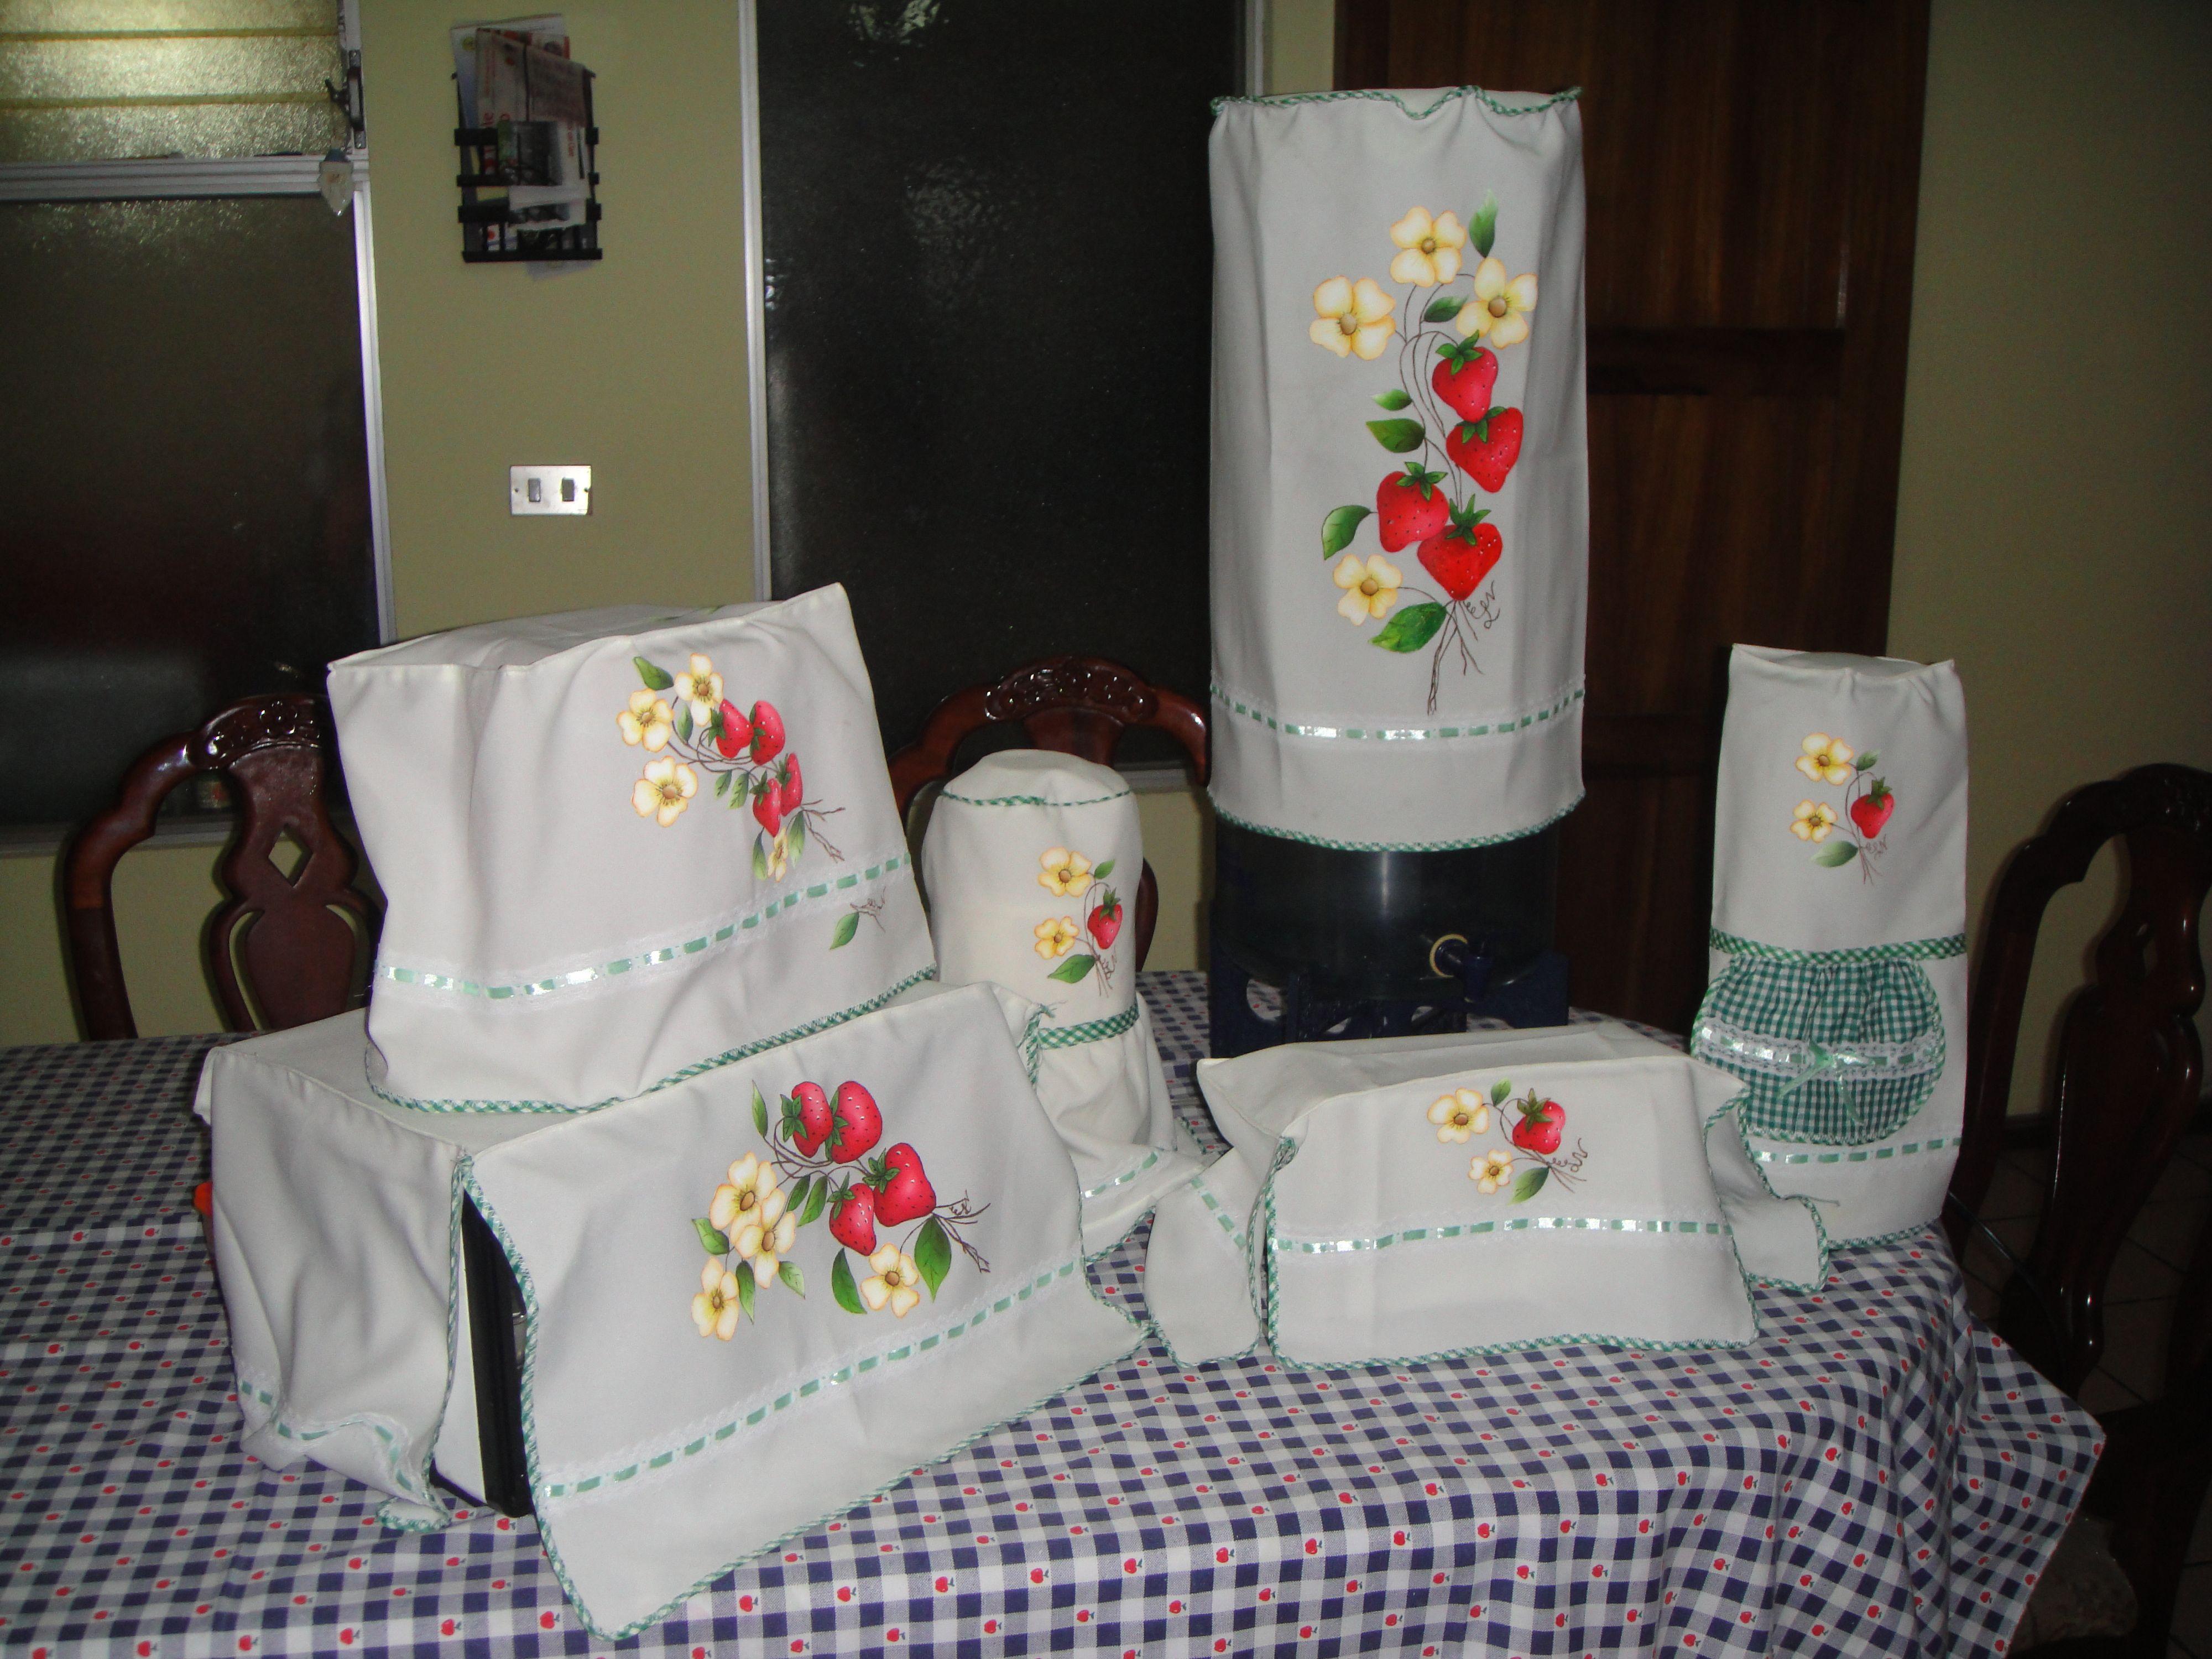 Juego de cobertores para cocina mis trabajos en tecido for Ju3gos de cocina